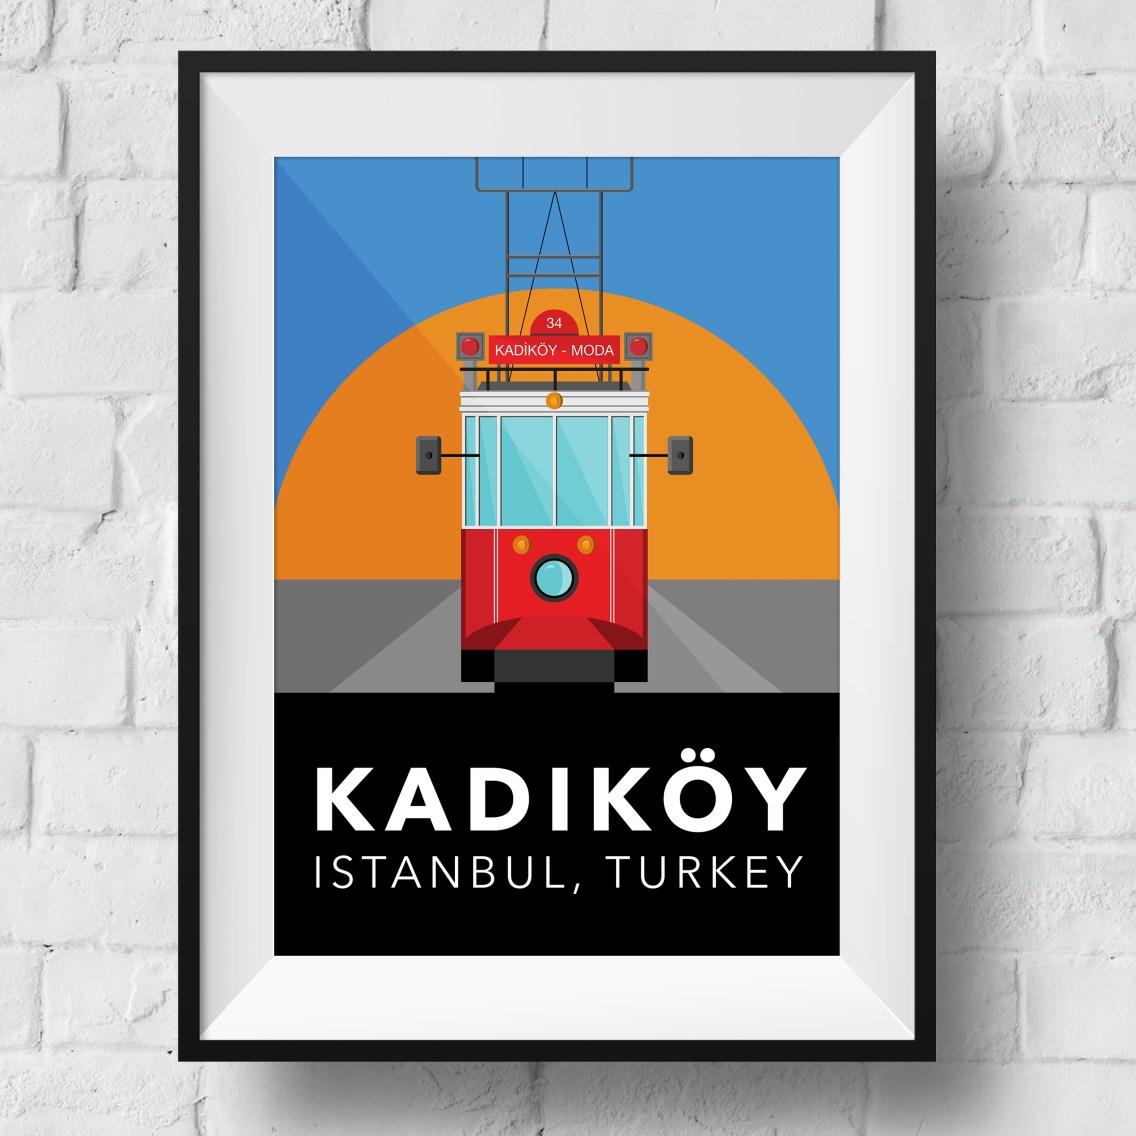 kadikoy-tram-poster-framed